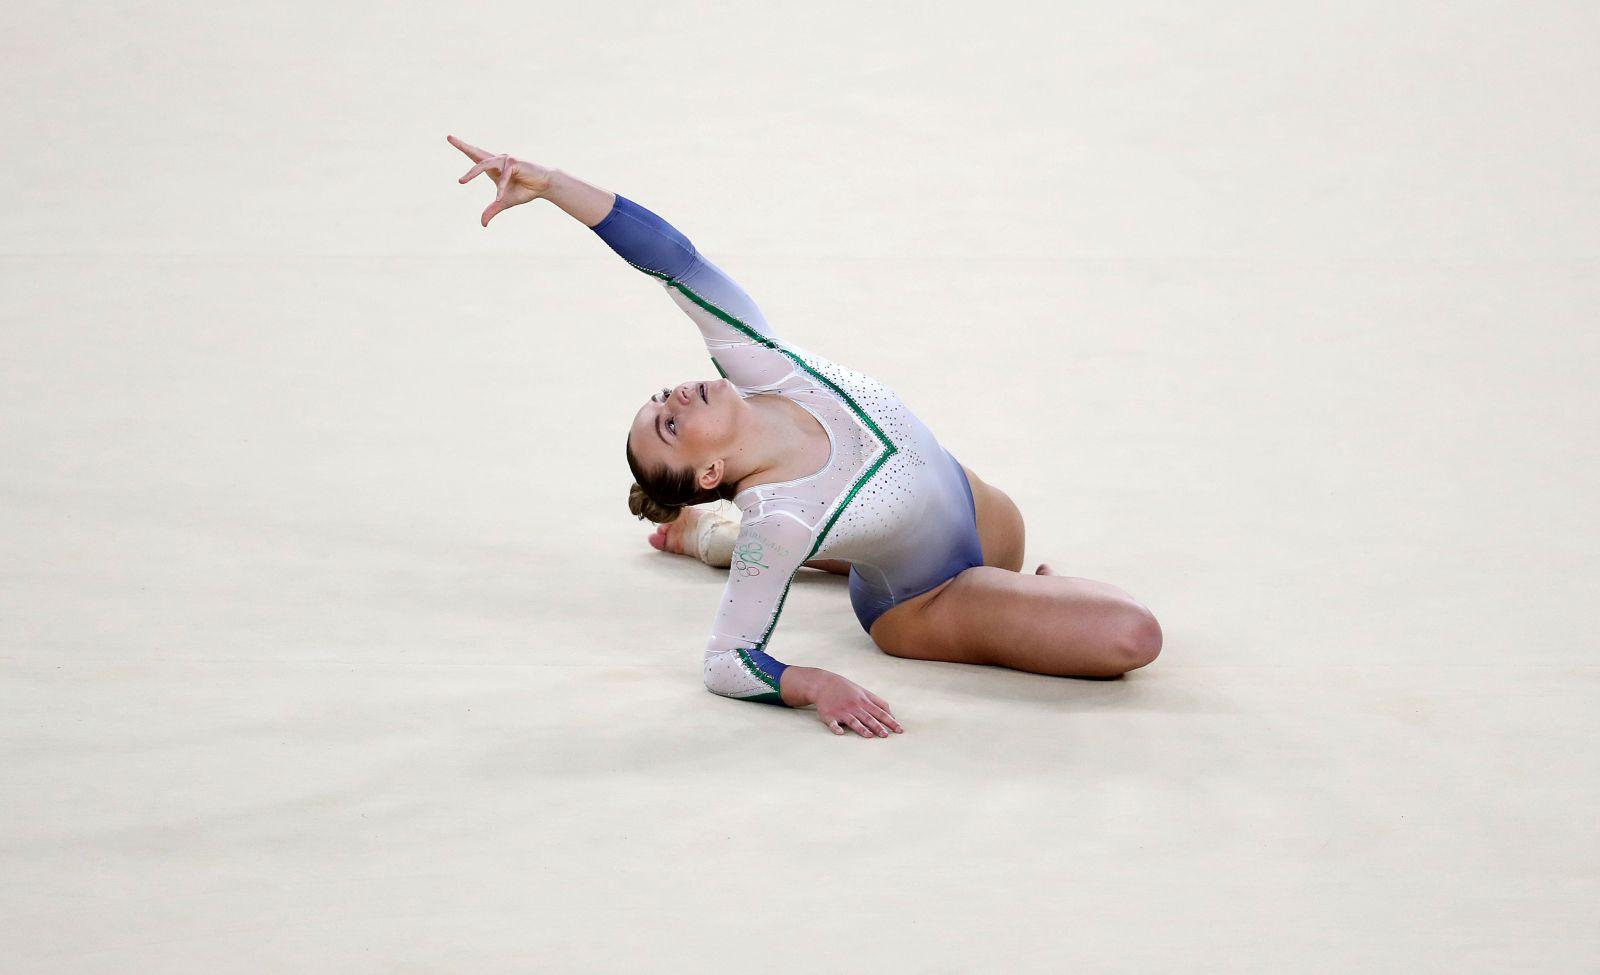 Олимпиада 2016: за какой должна быть внешность гимнастки, чтобы получить штрафной балл?